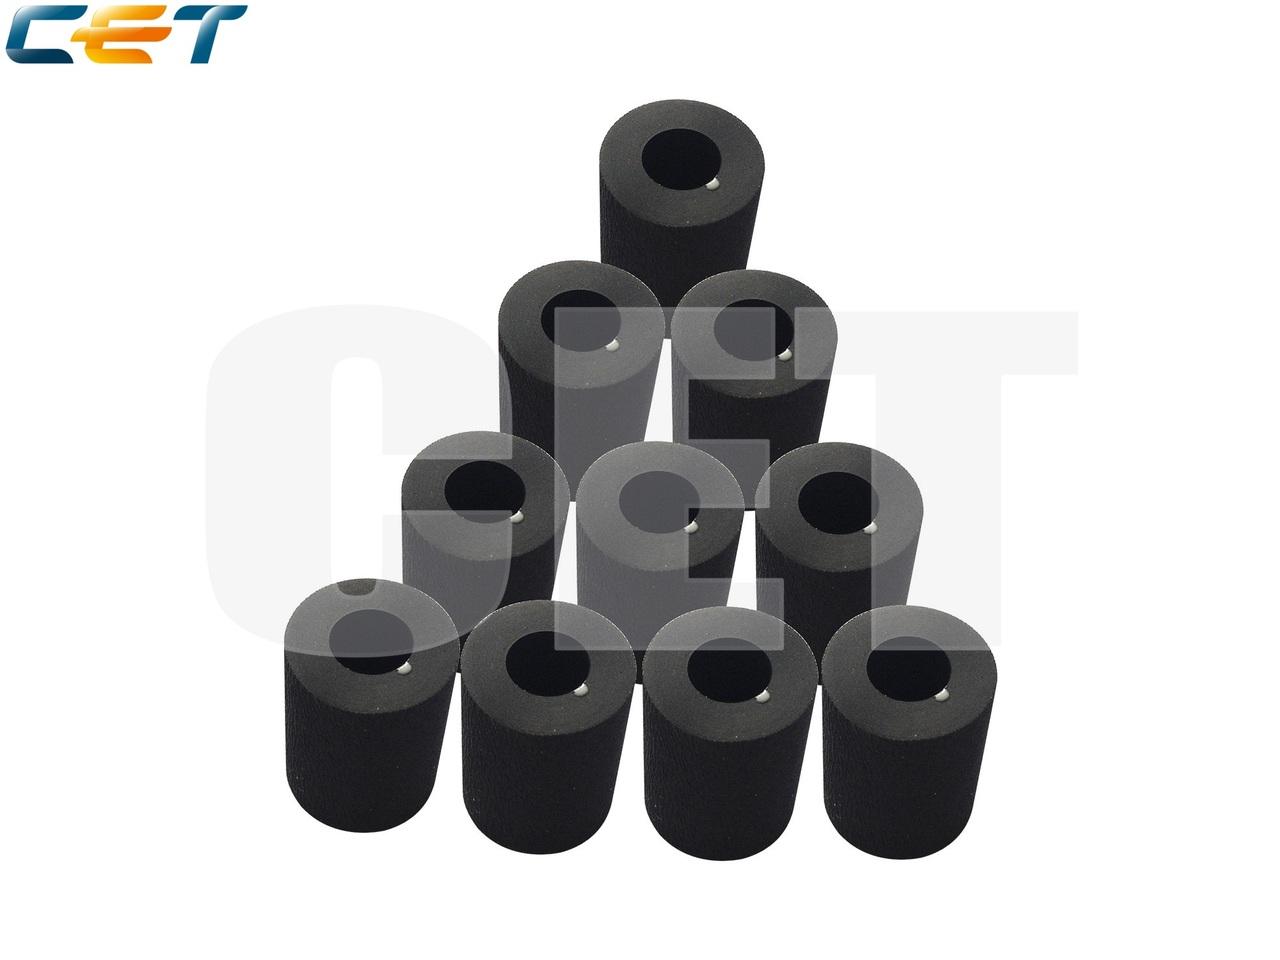 Резинка ролика отделения 2NG94110 для KYOCERA TASKalfa1800/1801/2200/2201 (CET), CET7830